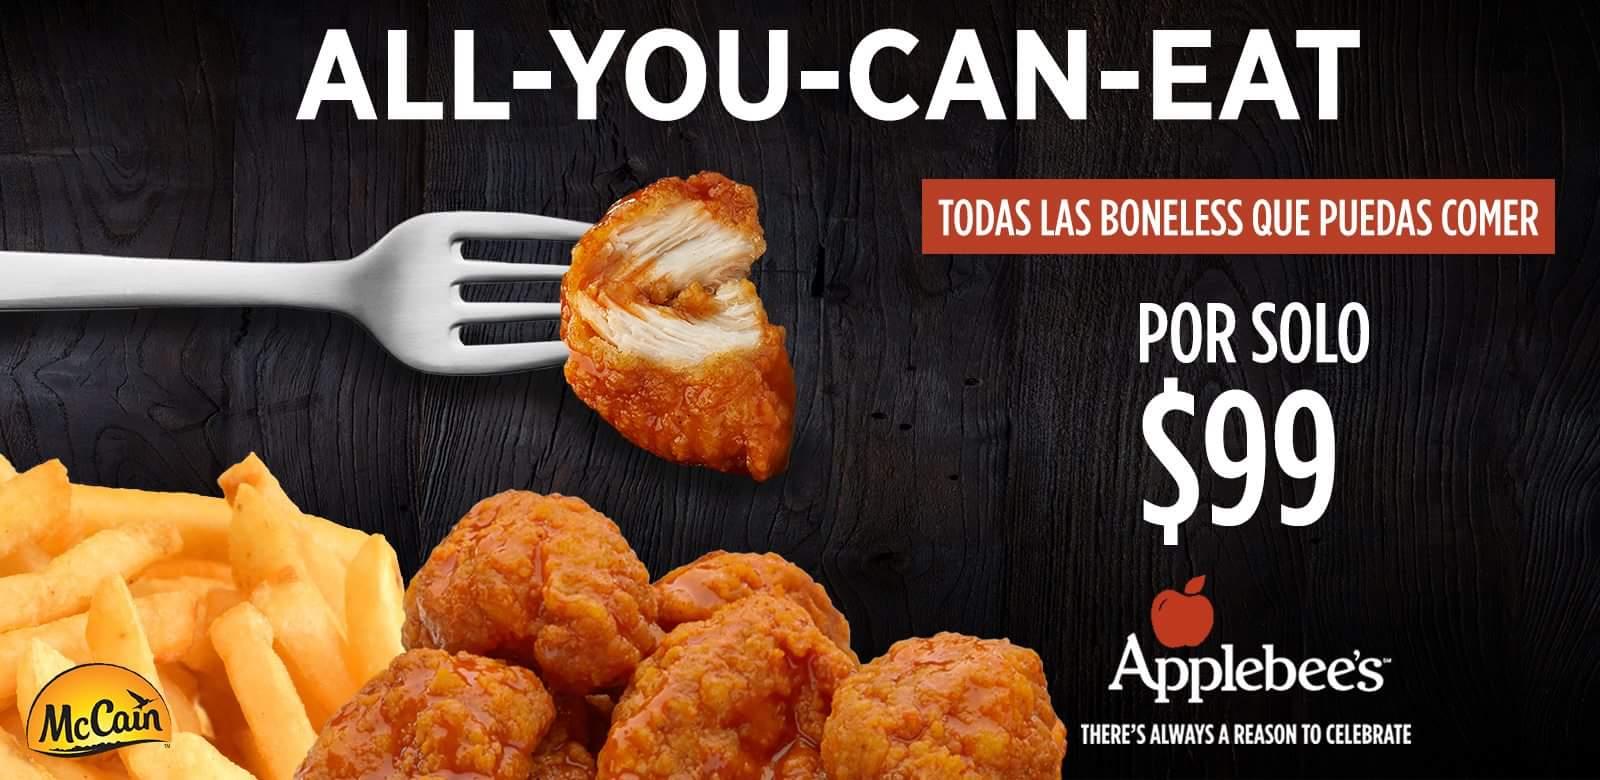 Applebee's: BONELESS (TODOS LOS QUE PUEDAS COMER POR $99)